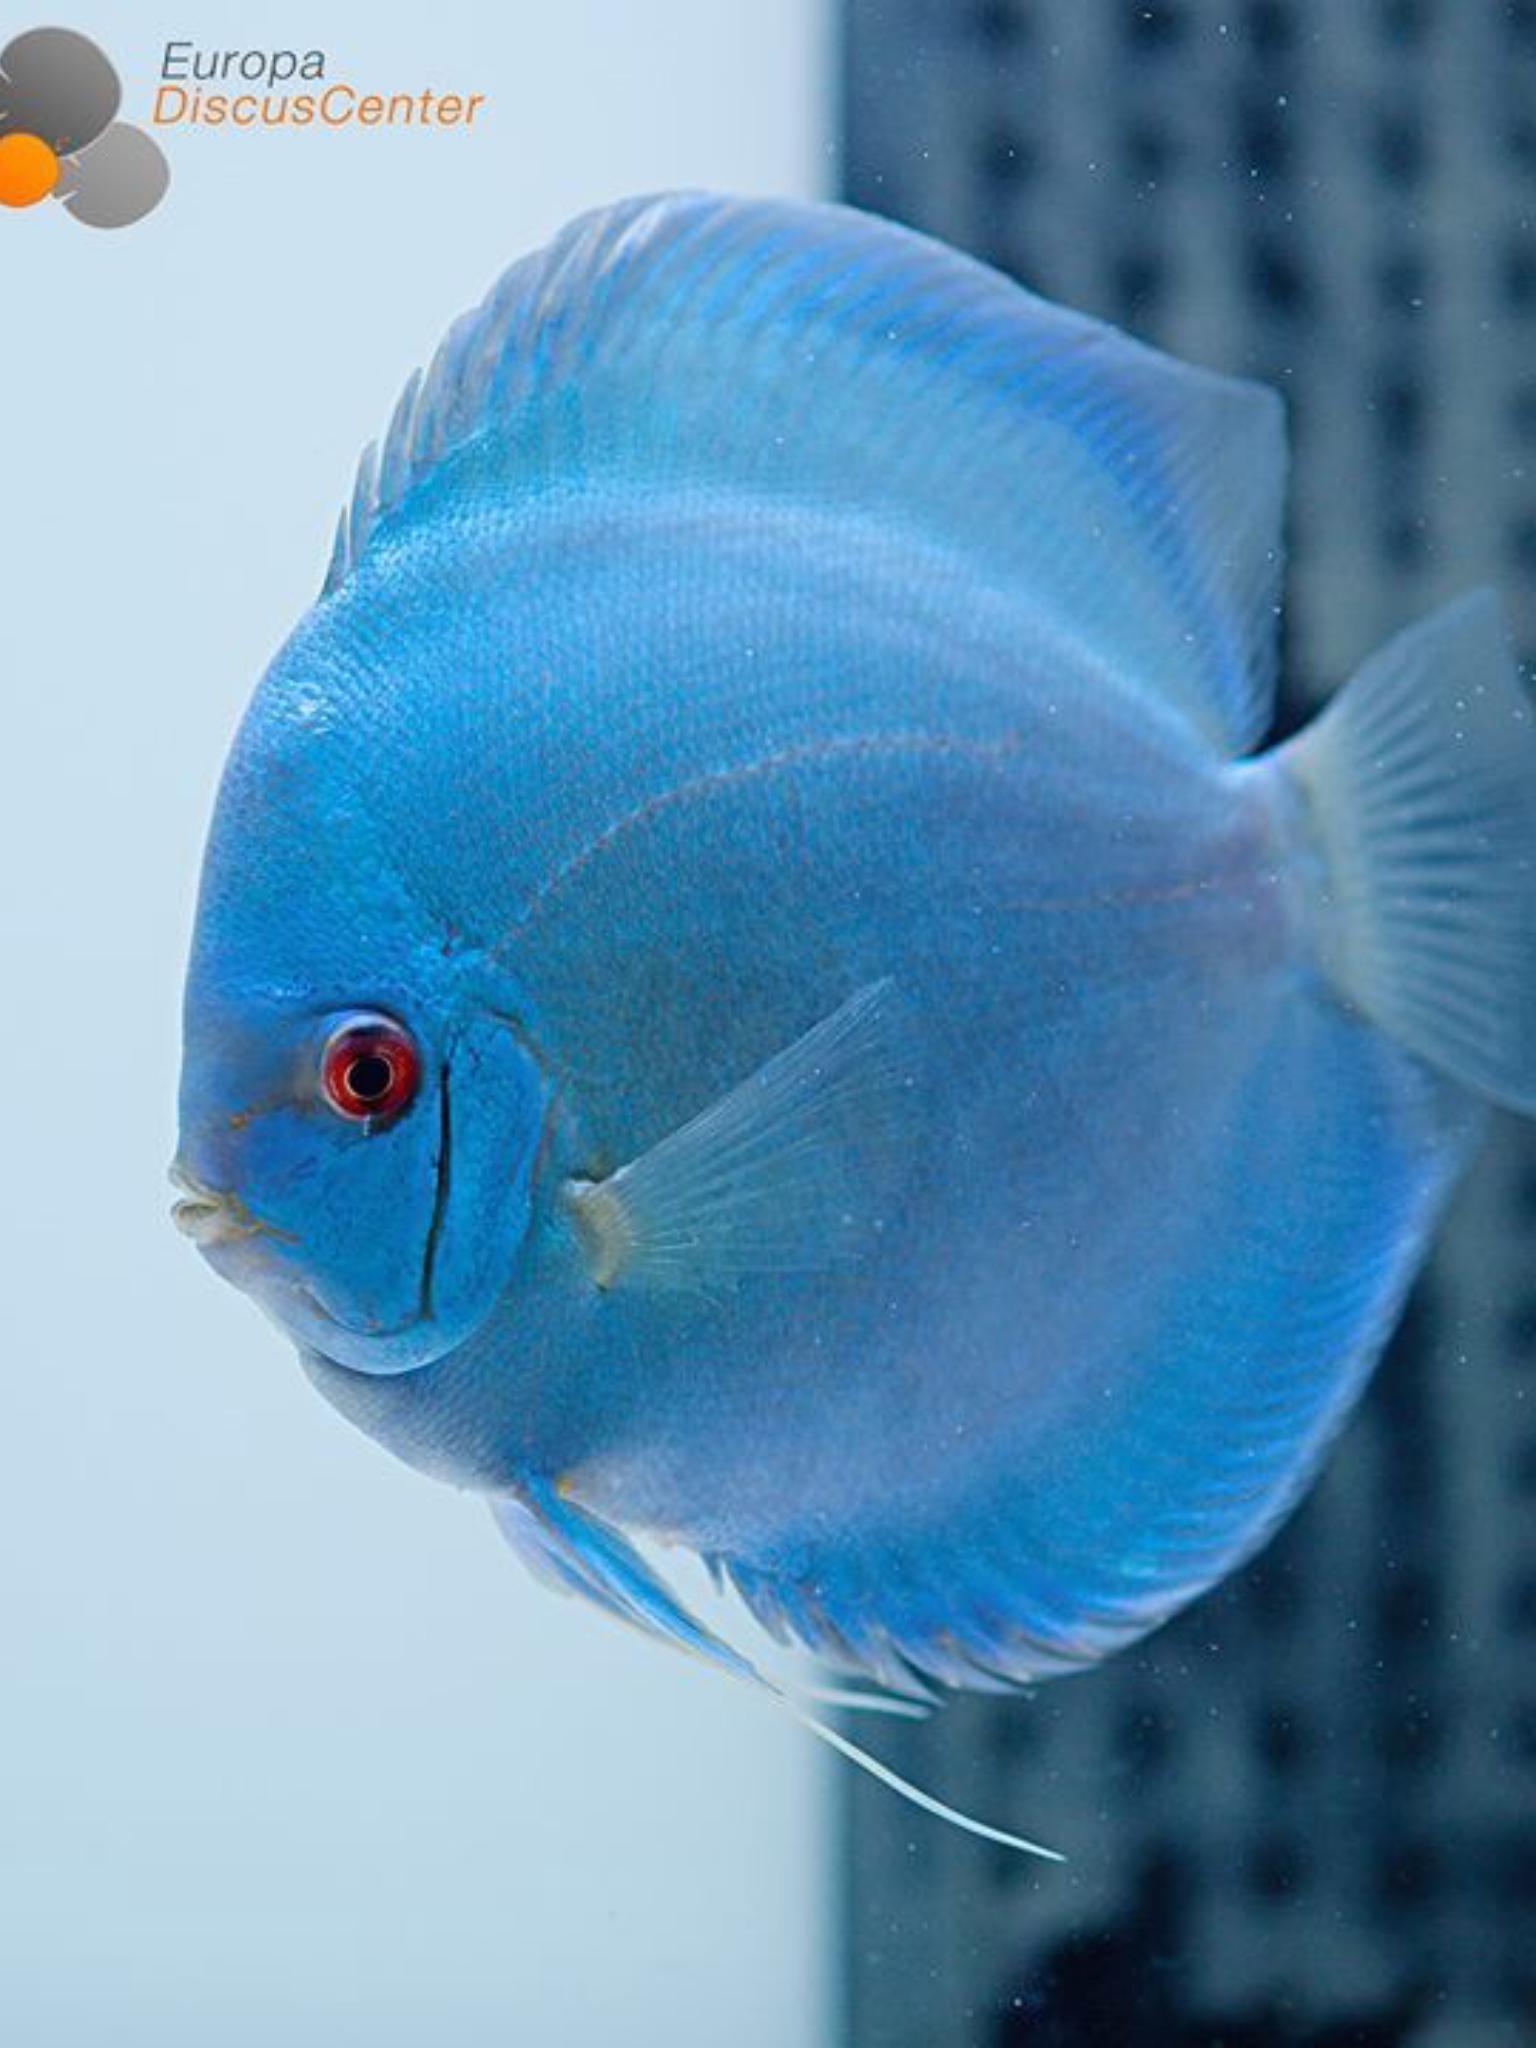 Amazing Discus Fish Is So Pretty Amazingfish Amazingbeta Arowanas Beautifulkoi Beautifulfish Guppyfishes Amaz In 2020 Aquarium Fish Discus Fish Discus Aquarium